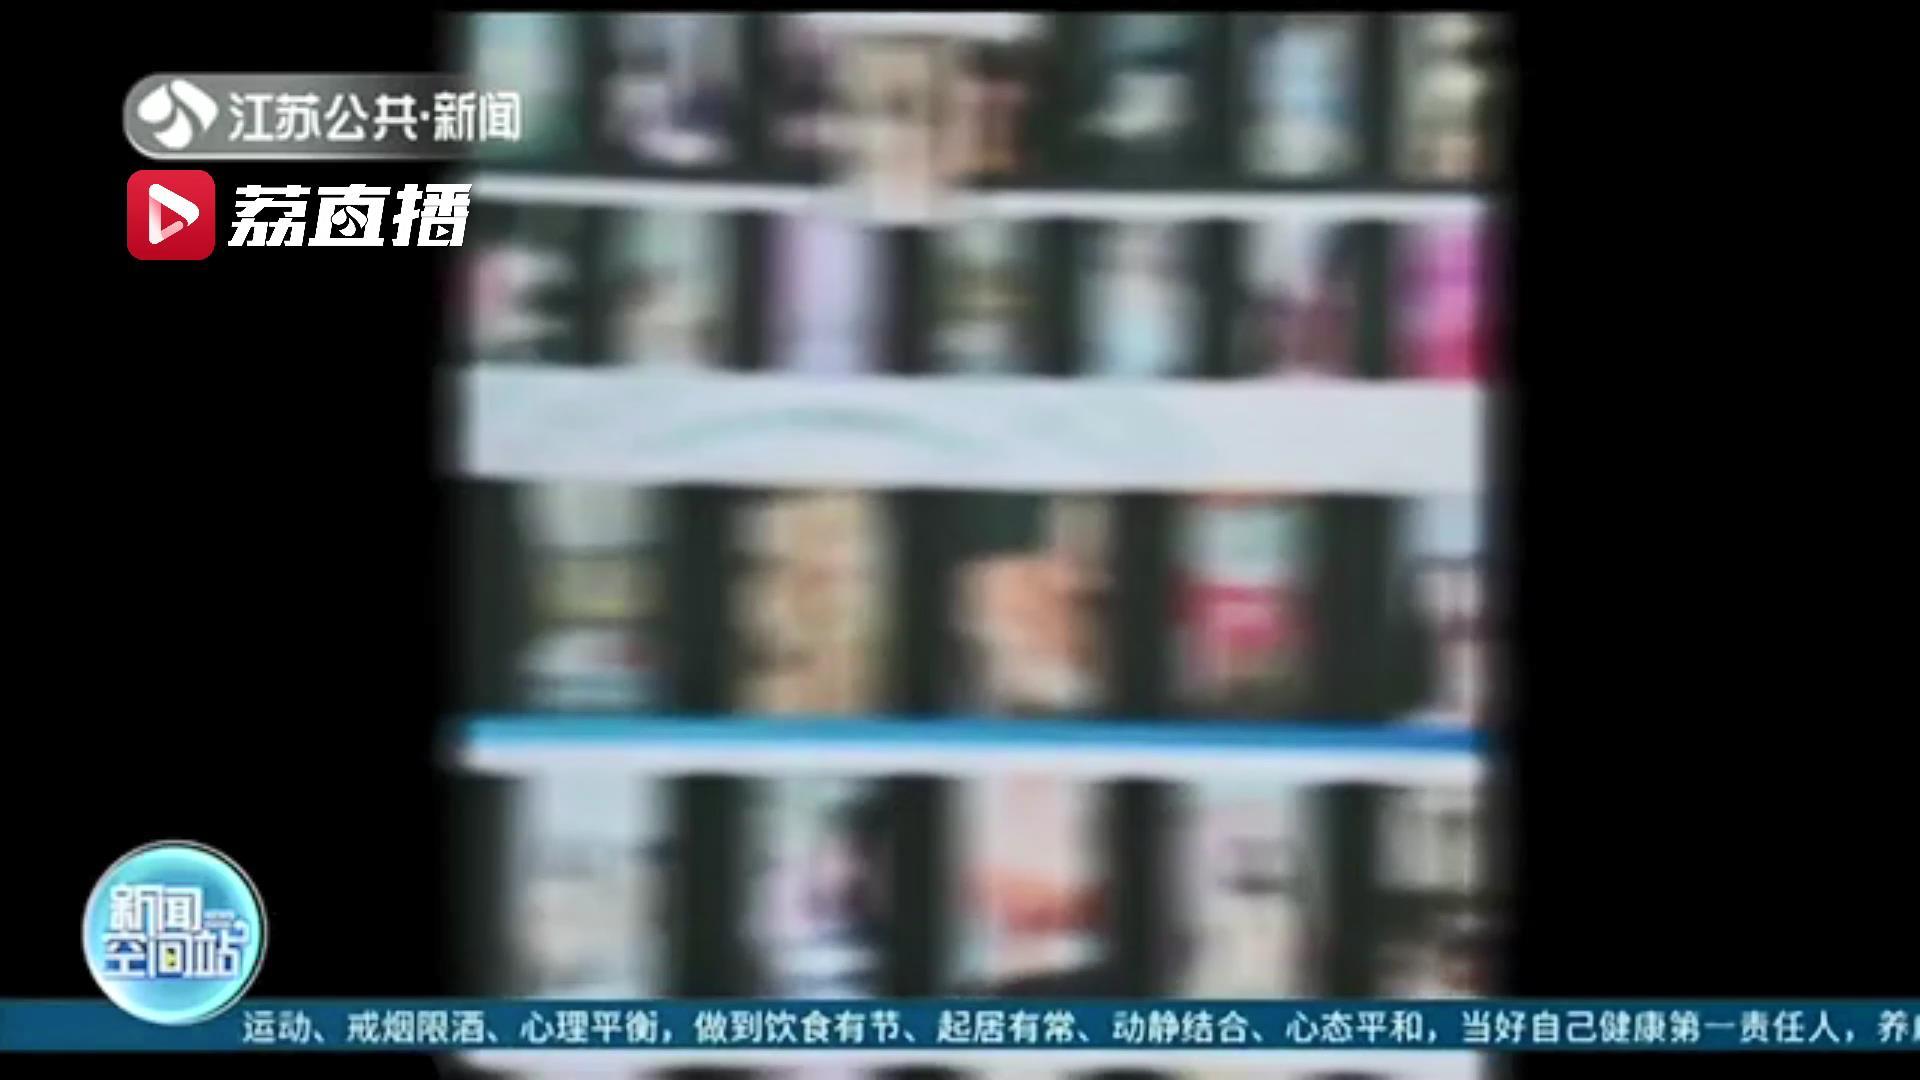 跨省抓捕80人!江苏淮安警方捣毁一色情直播平台